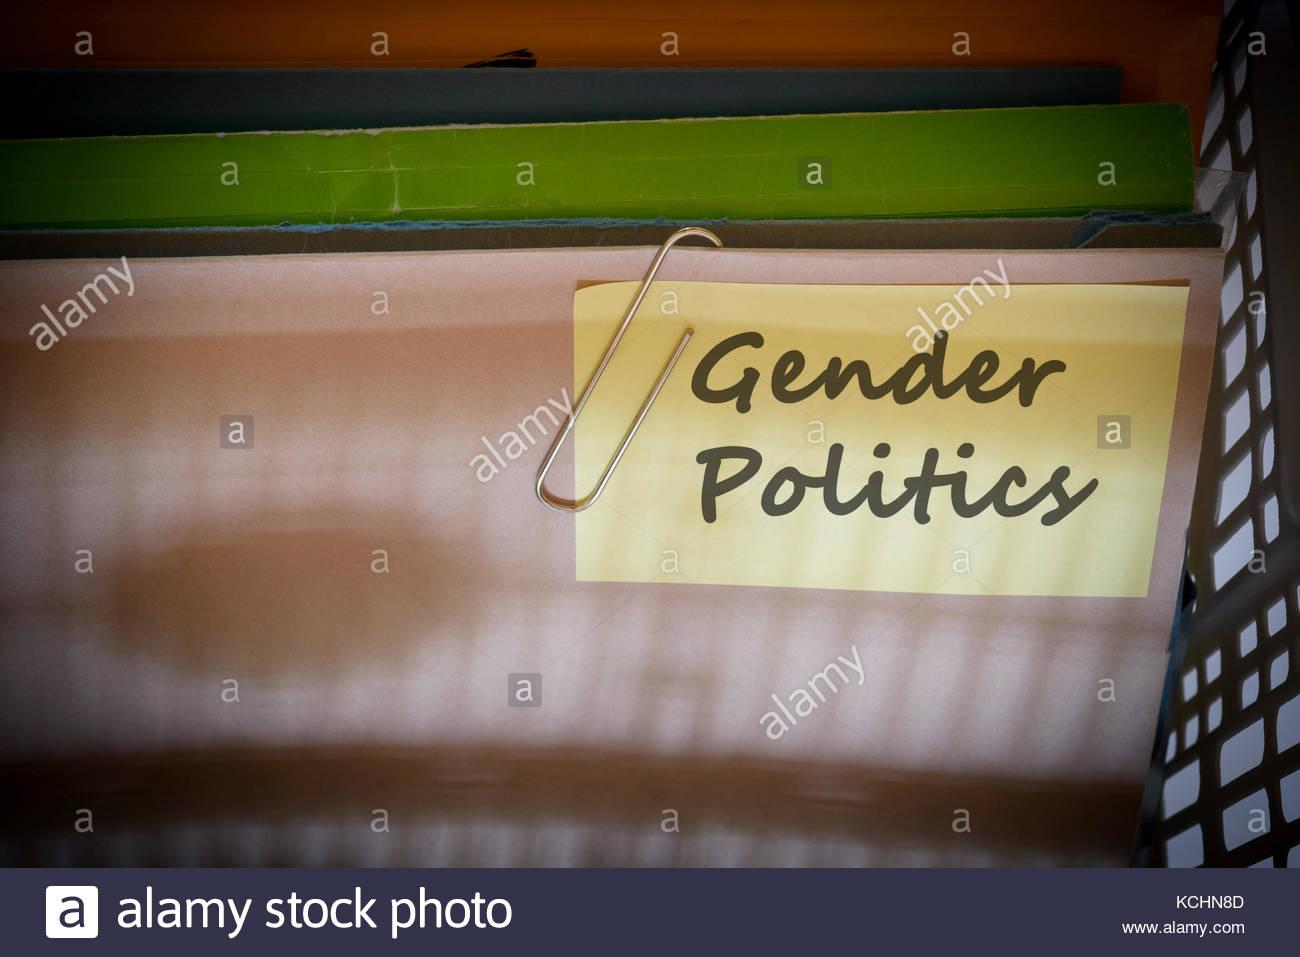 Gender Politics written on document folder, Dorset, England. - Stock Image